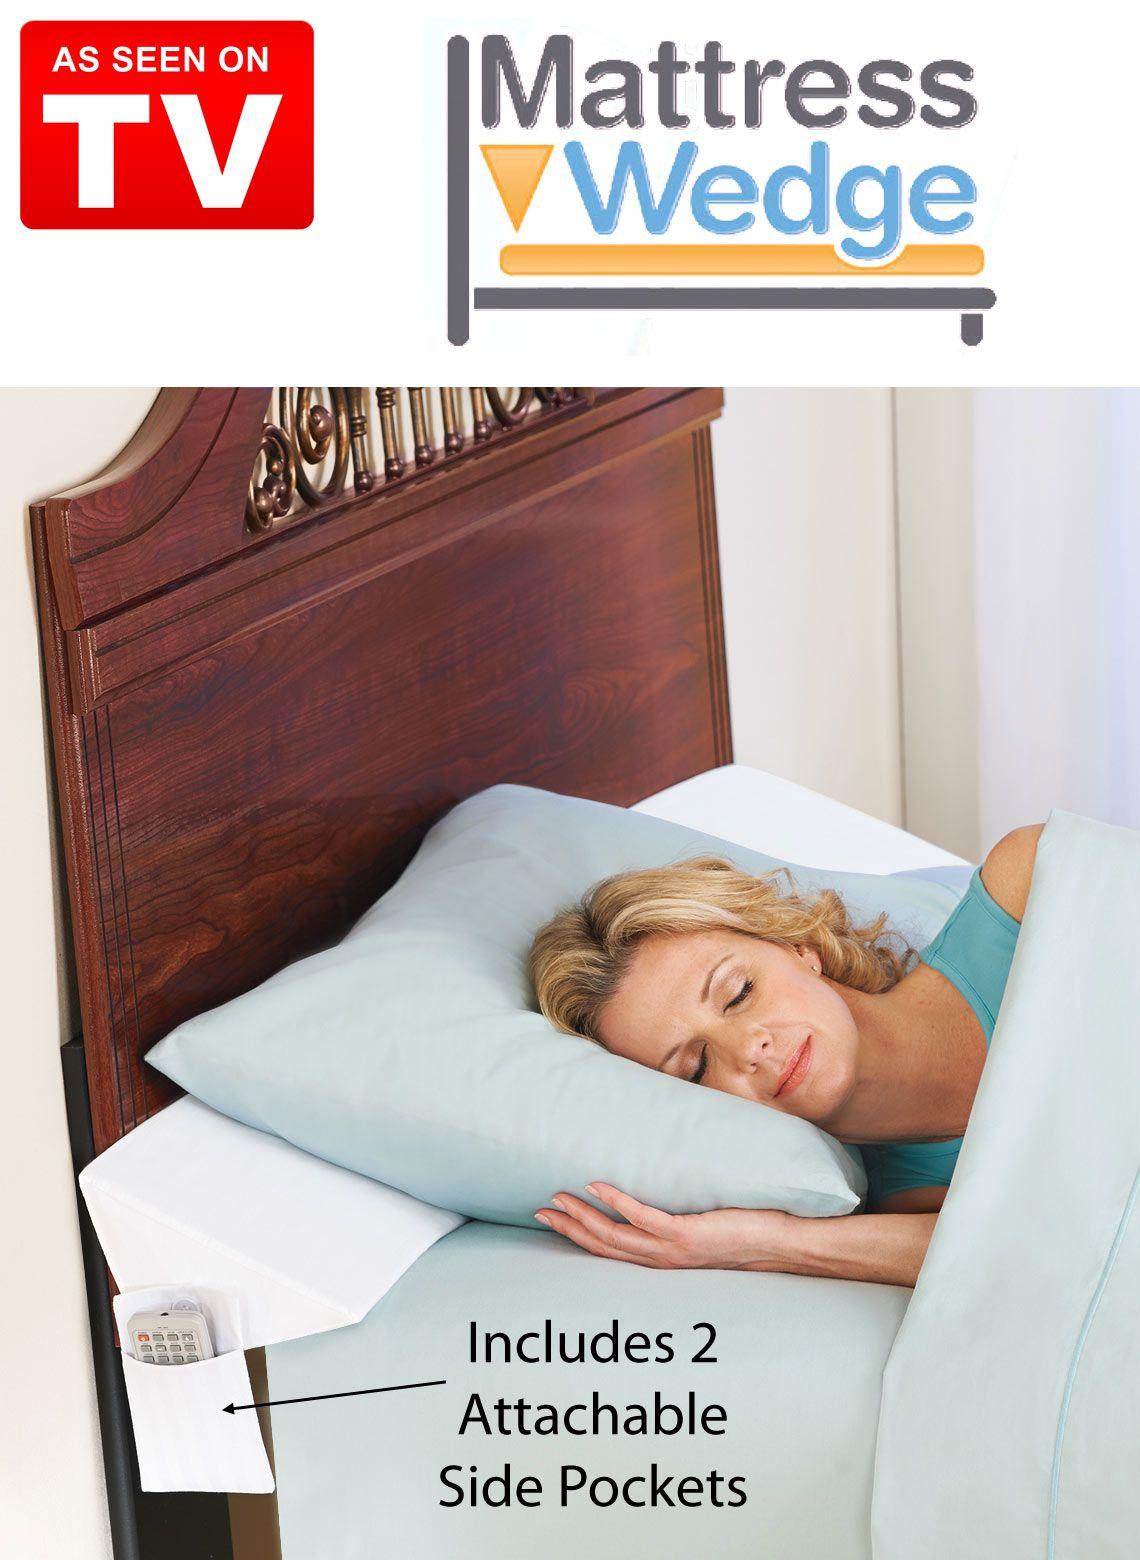 mattress wedge as seen on tv